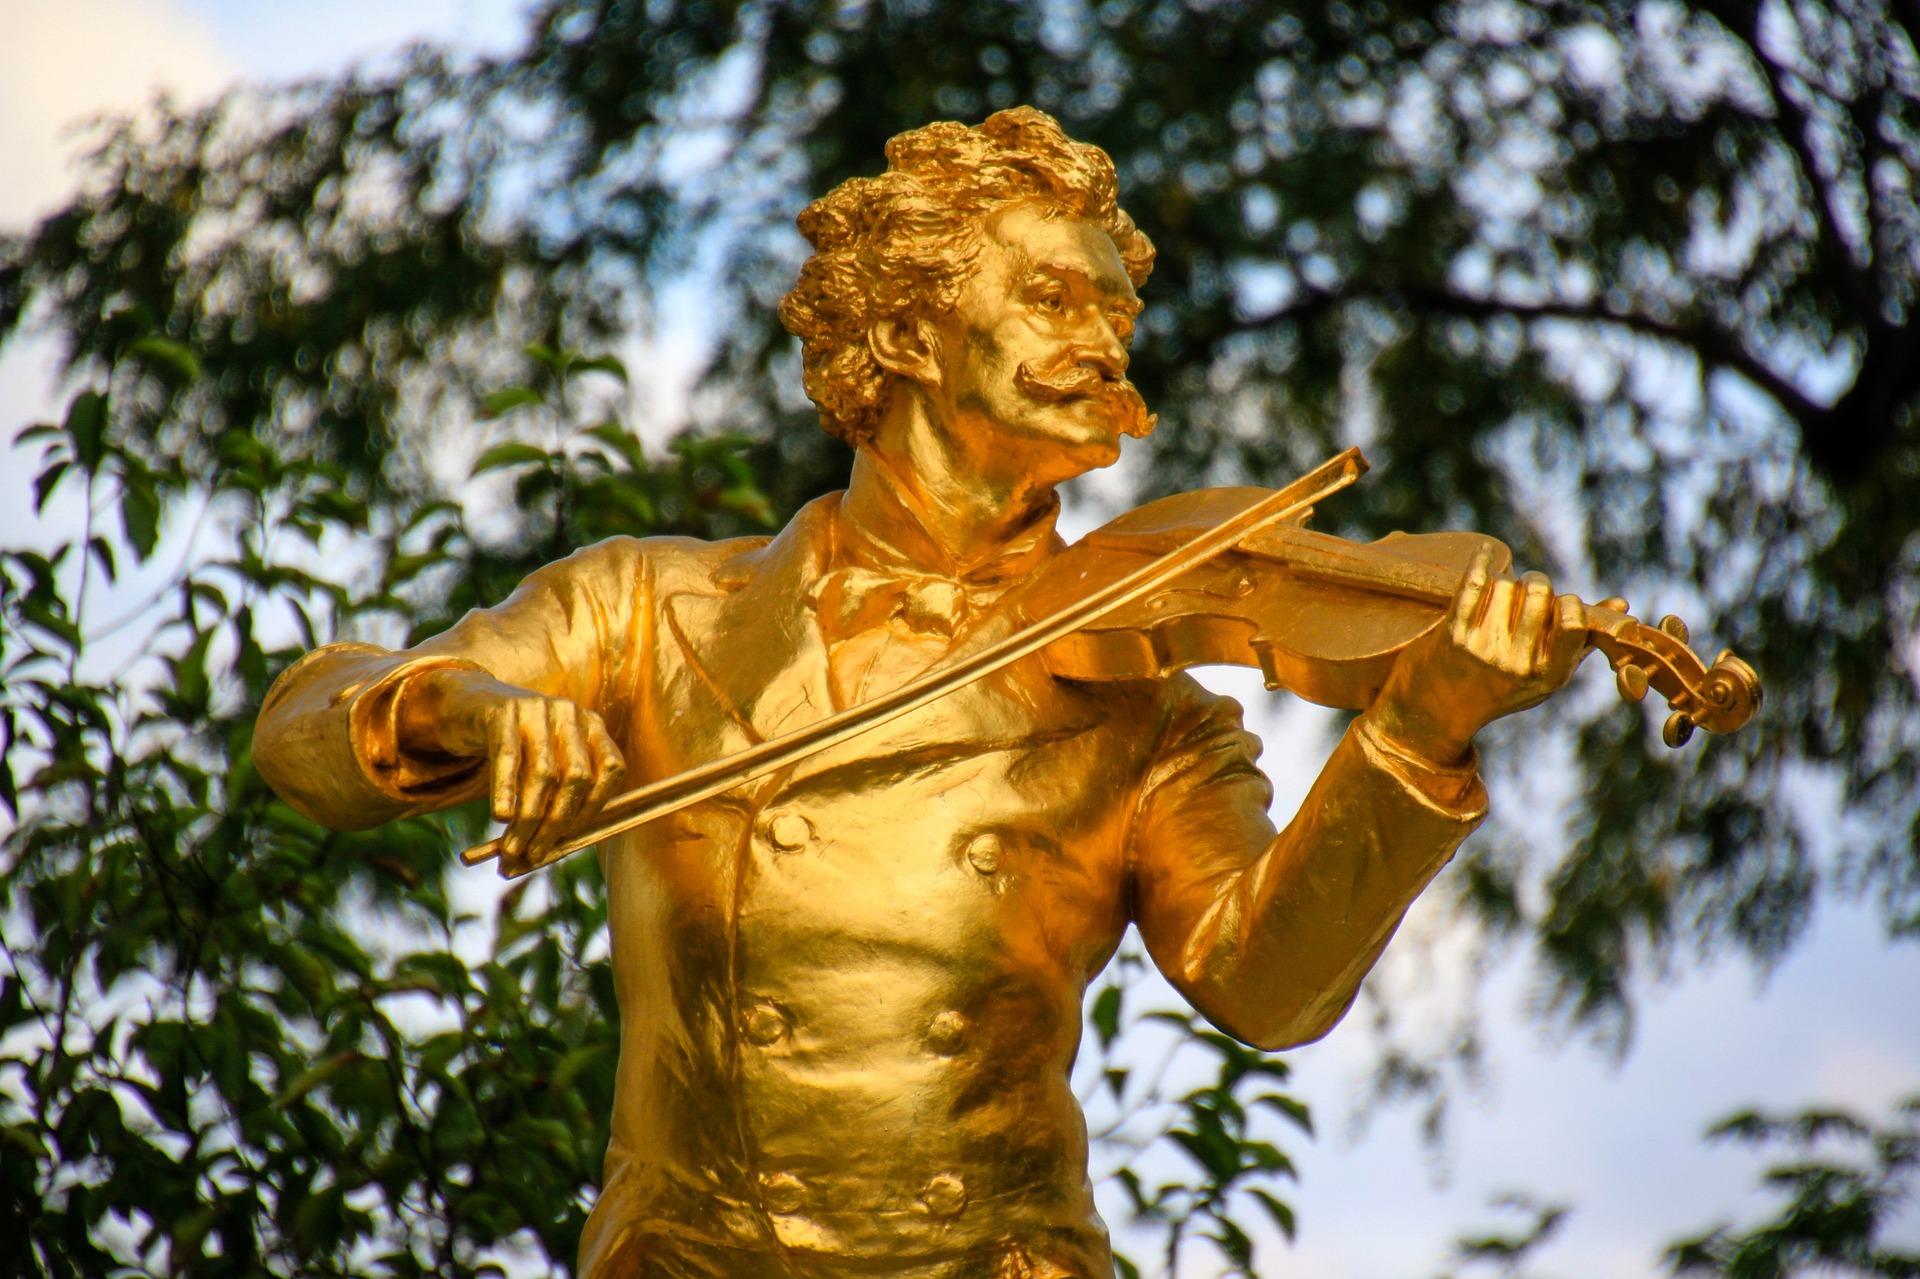 Gold violinist statue in Vienna